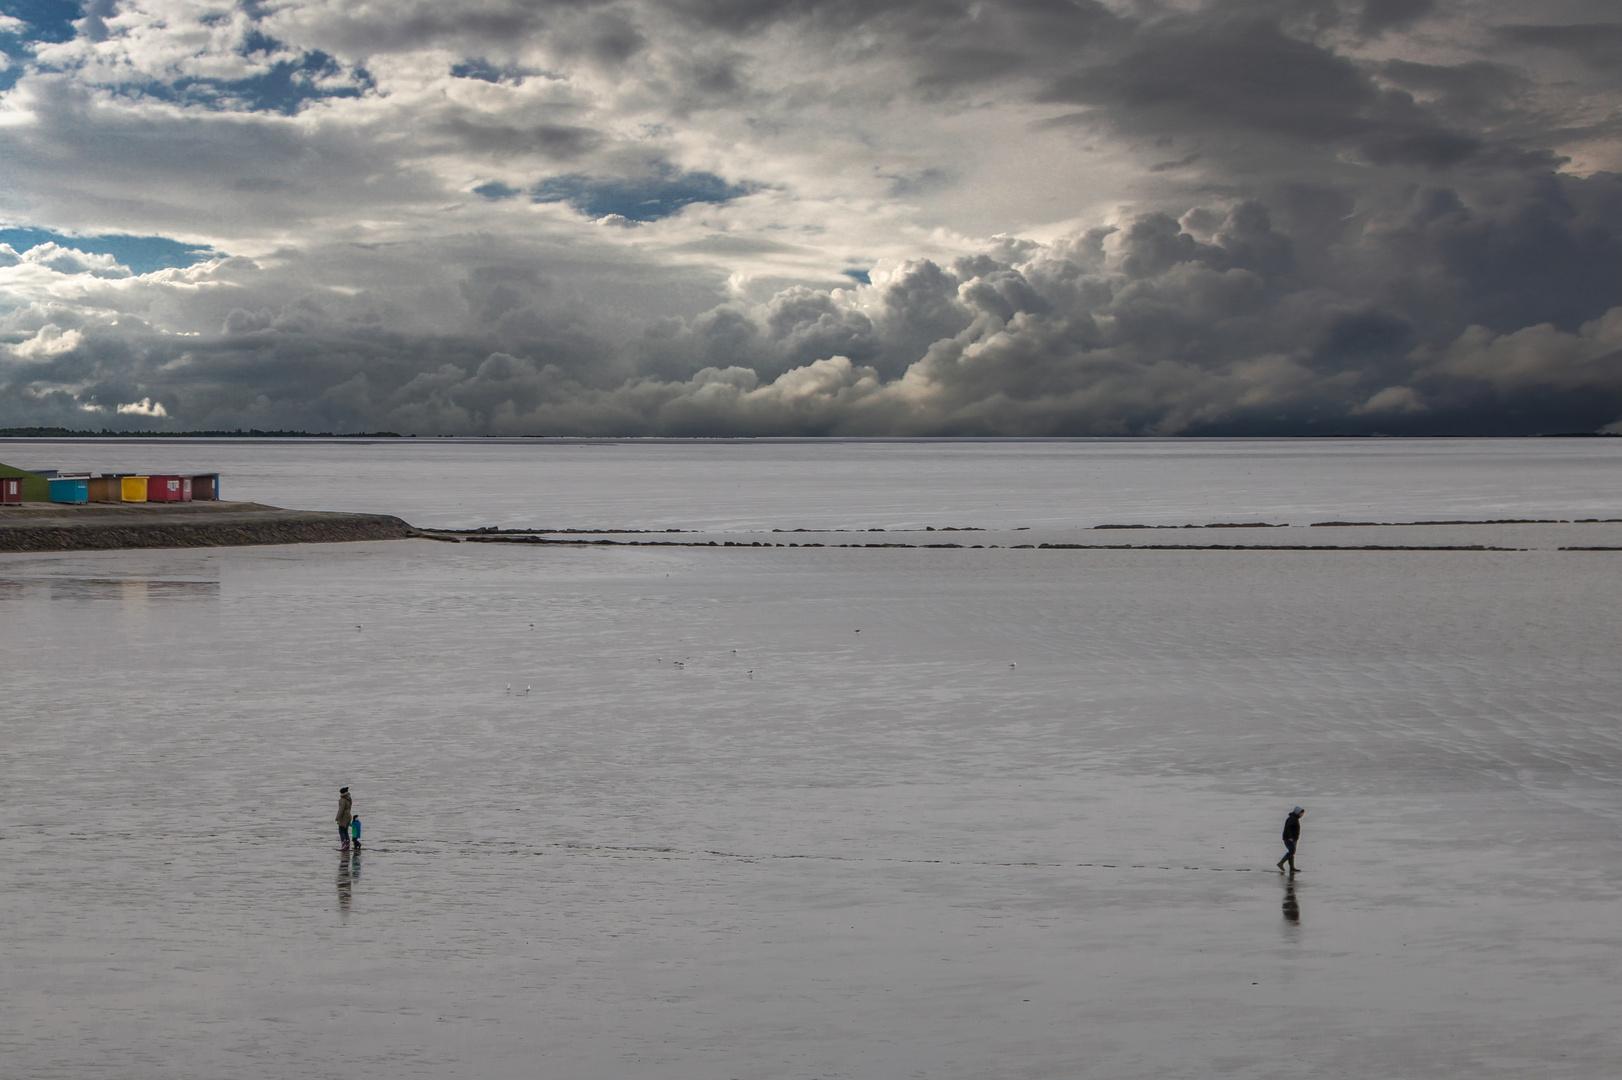 Scheidung im Wattenmeer? - Divorve in the Wadden Sea?